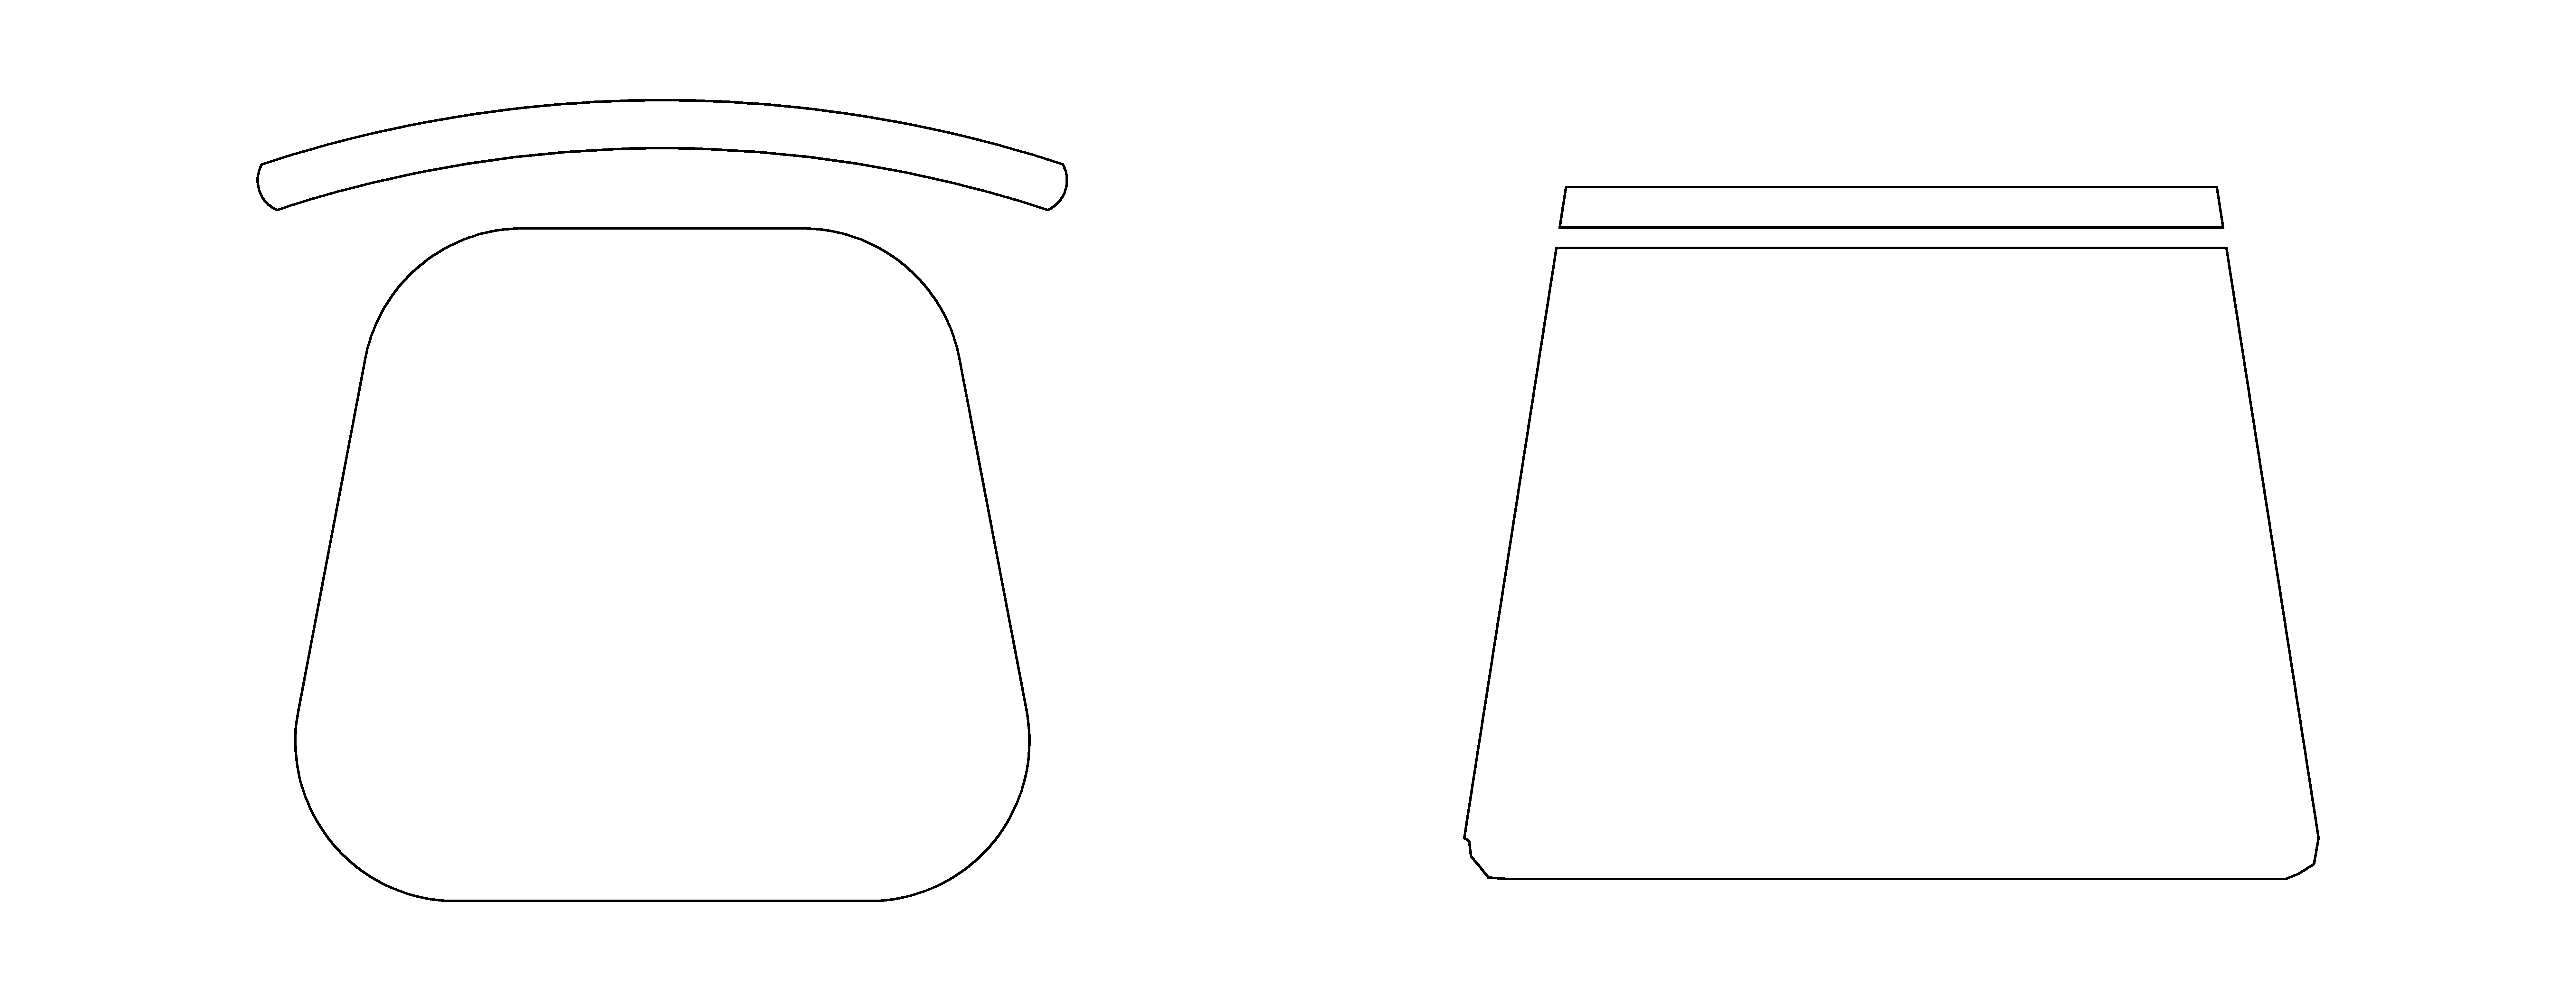 bloque de silla para autocad